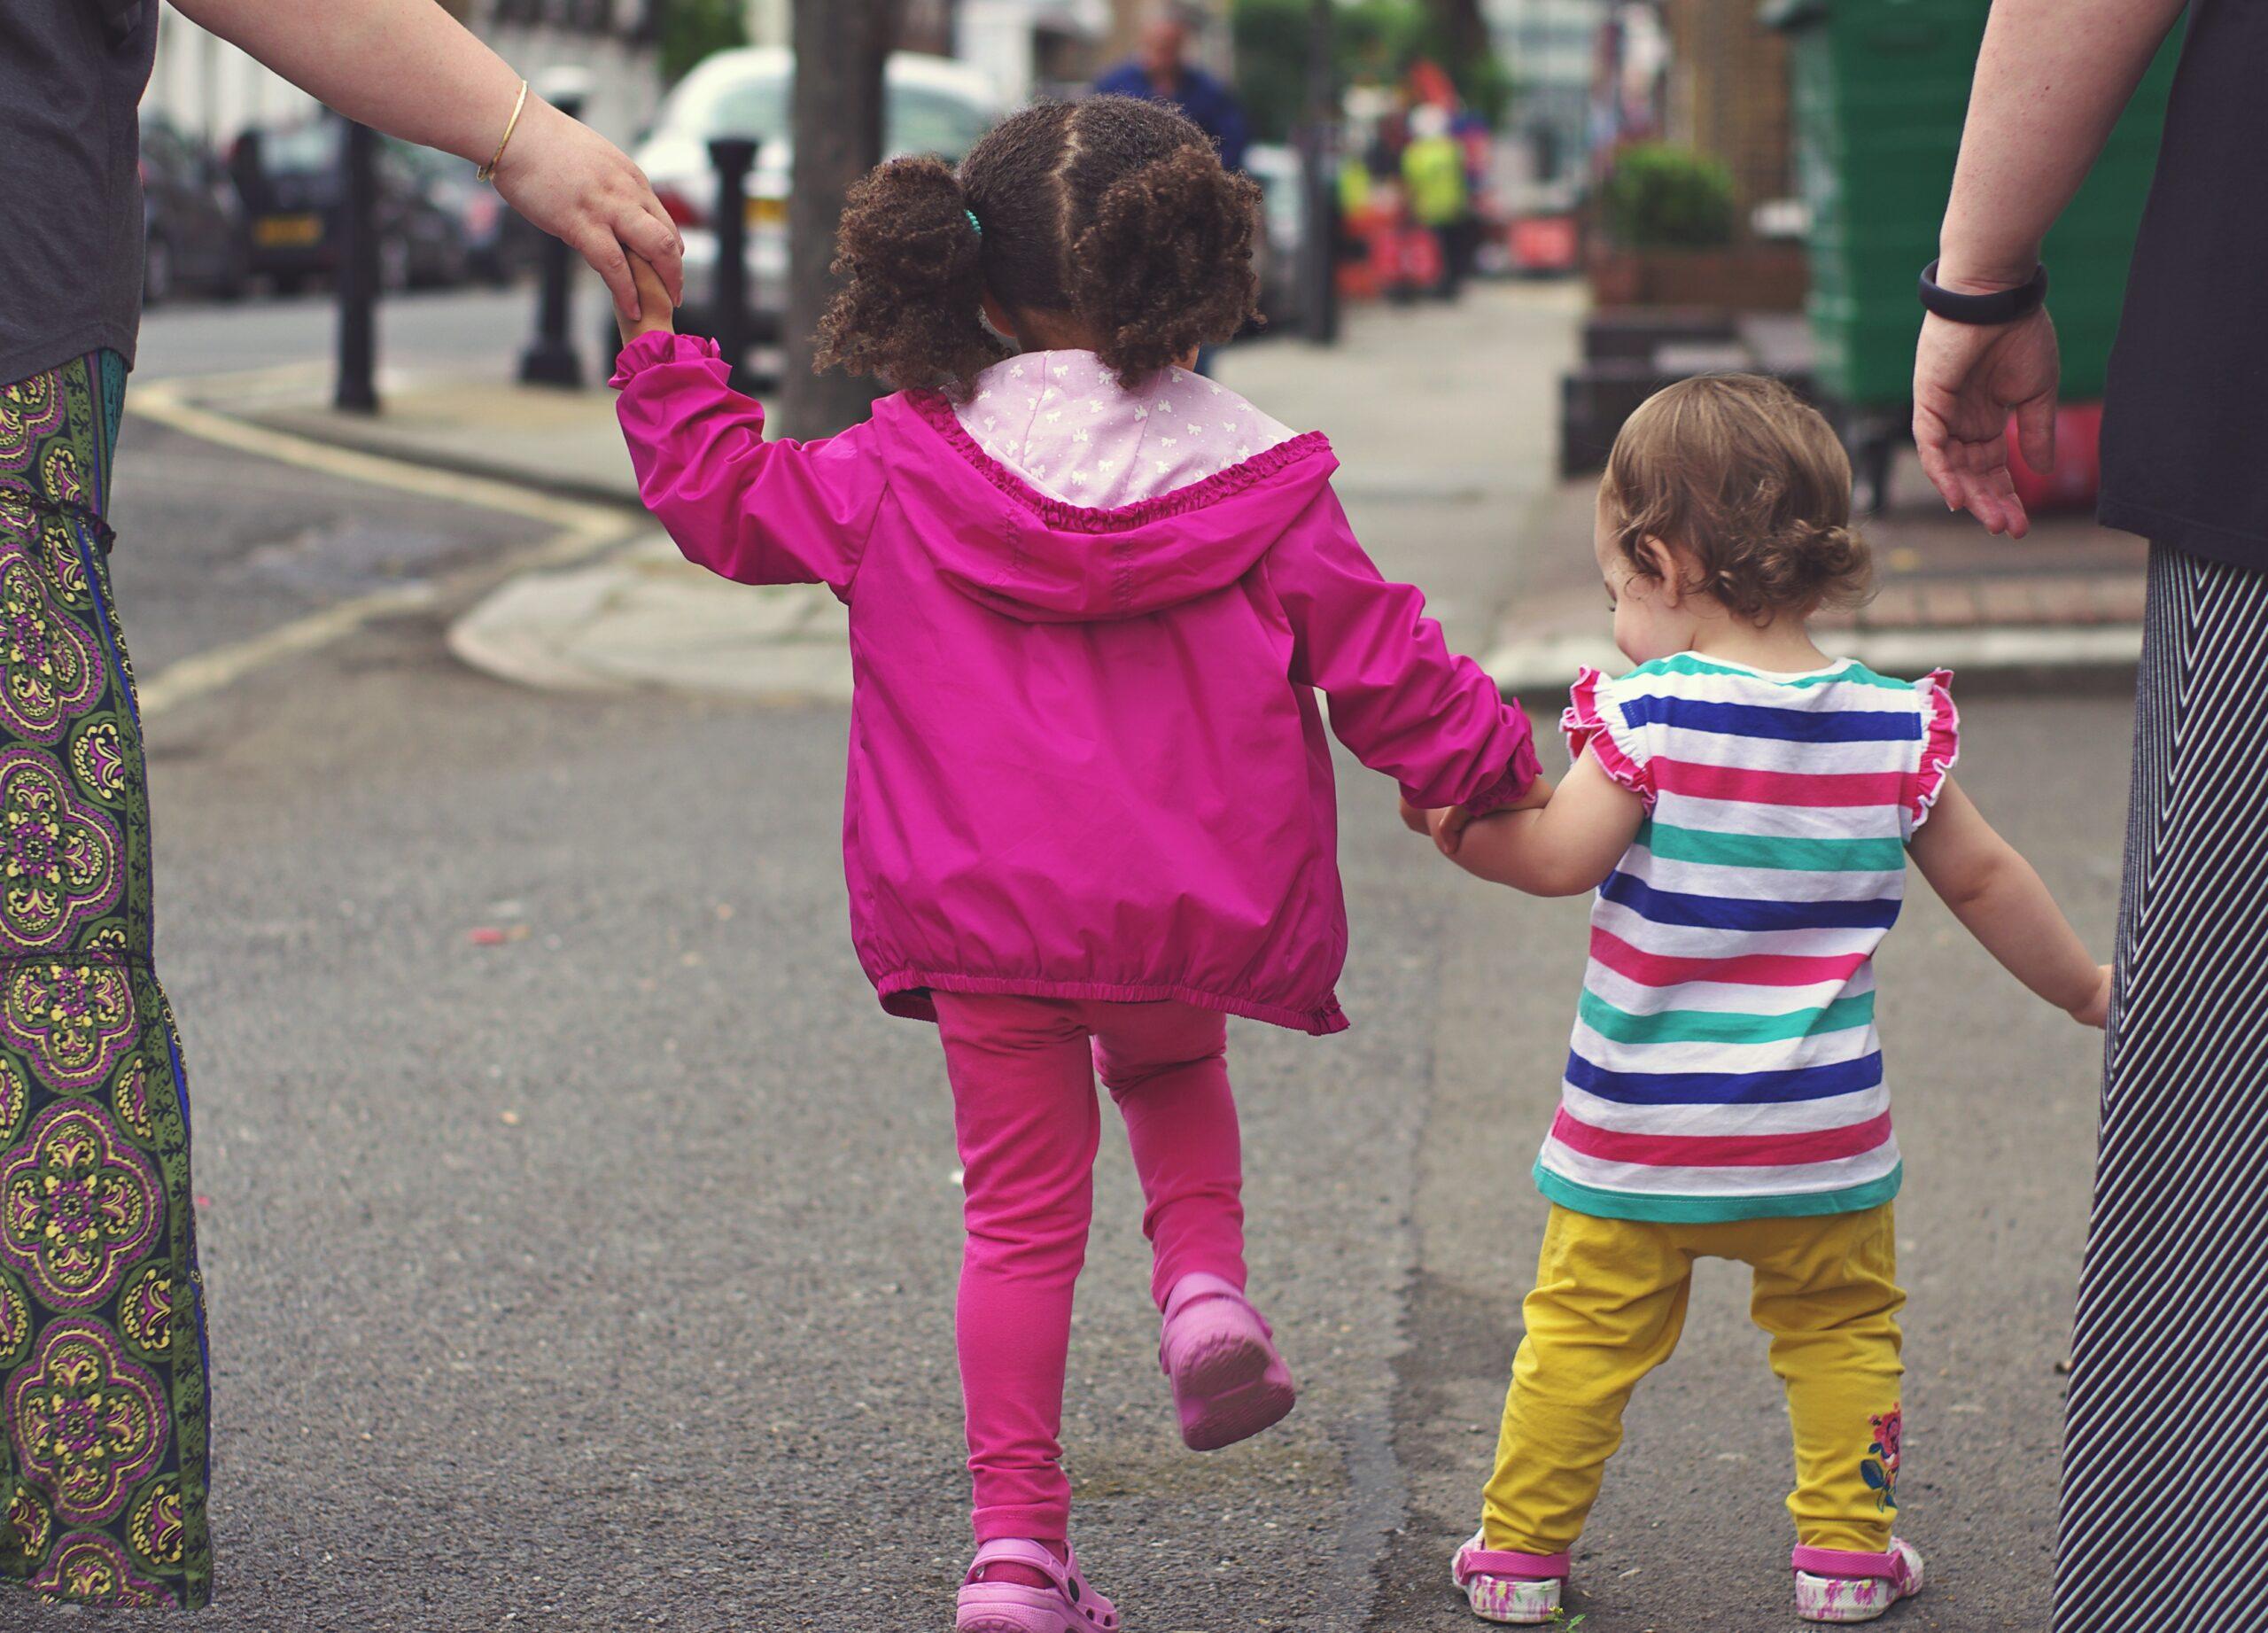 Instilling Kindness In Our Kids